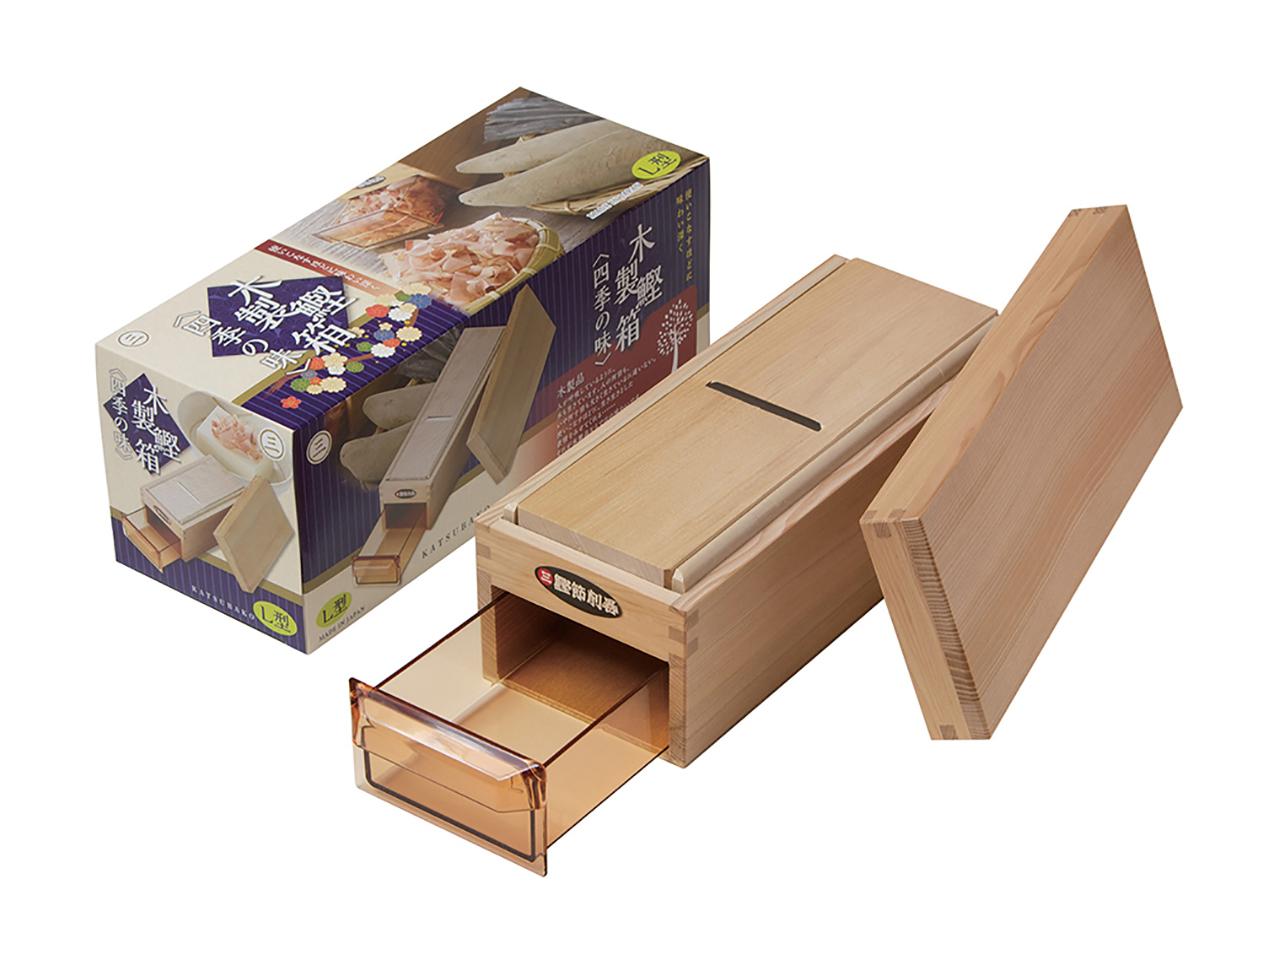 鰹節削り器 「鰹箱 四季の味L」 すべり止めシール付(shop限定セット)